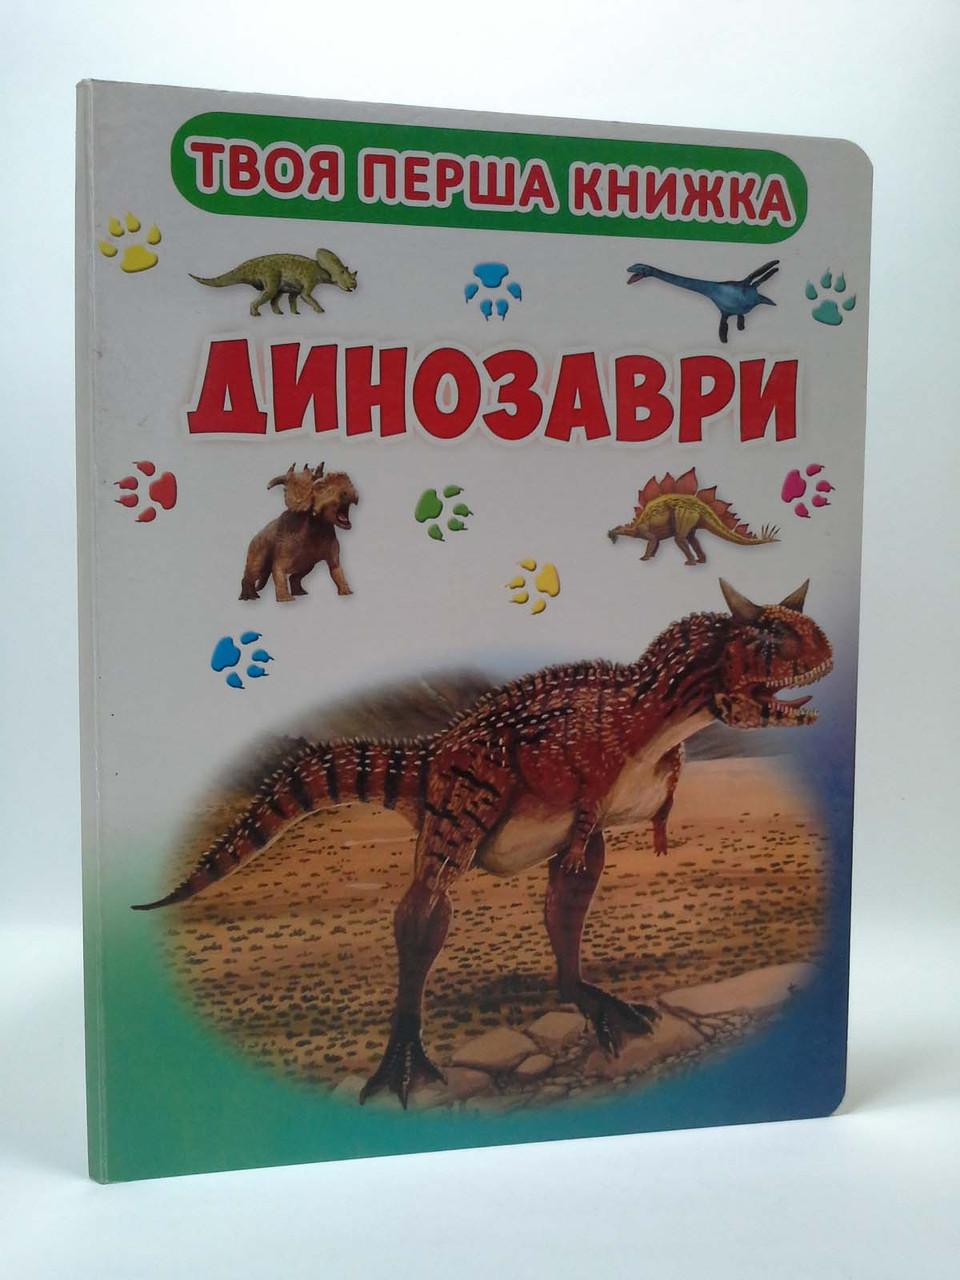 БАО Твоя перша книга Динозаври (код 386-2)